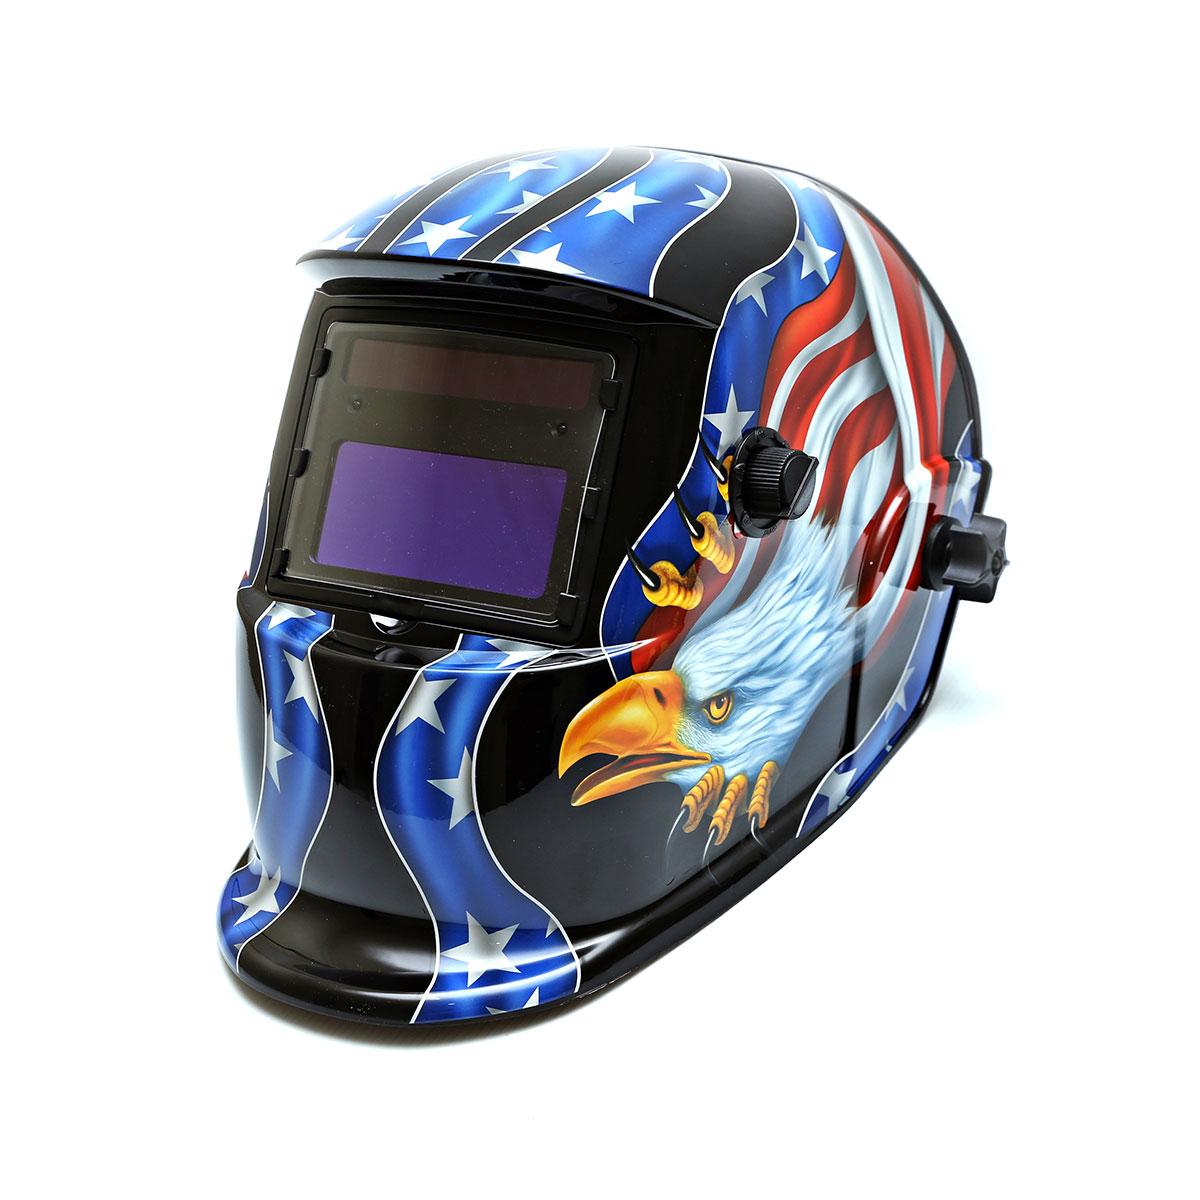 Centurion Solar Auto Darkening Welding Helmet - USA Eagle